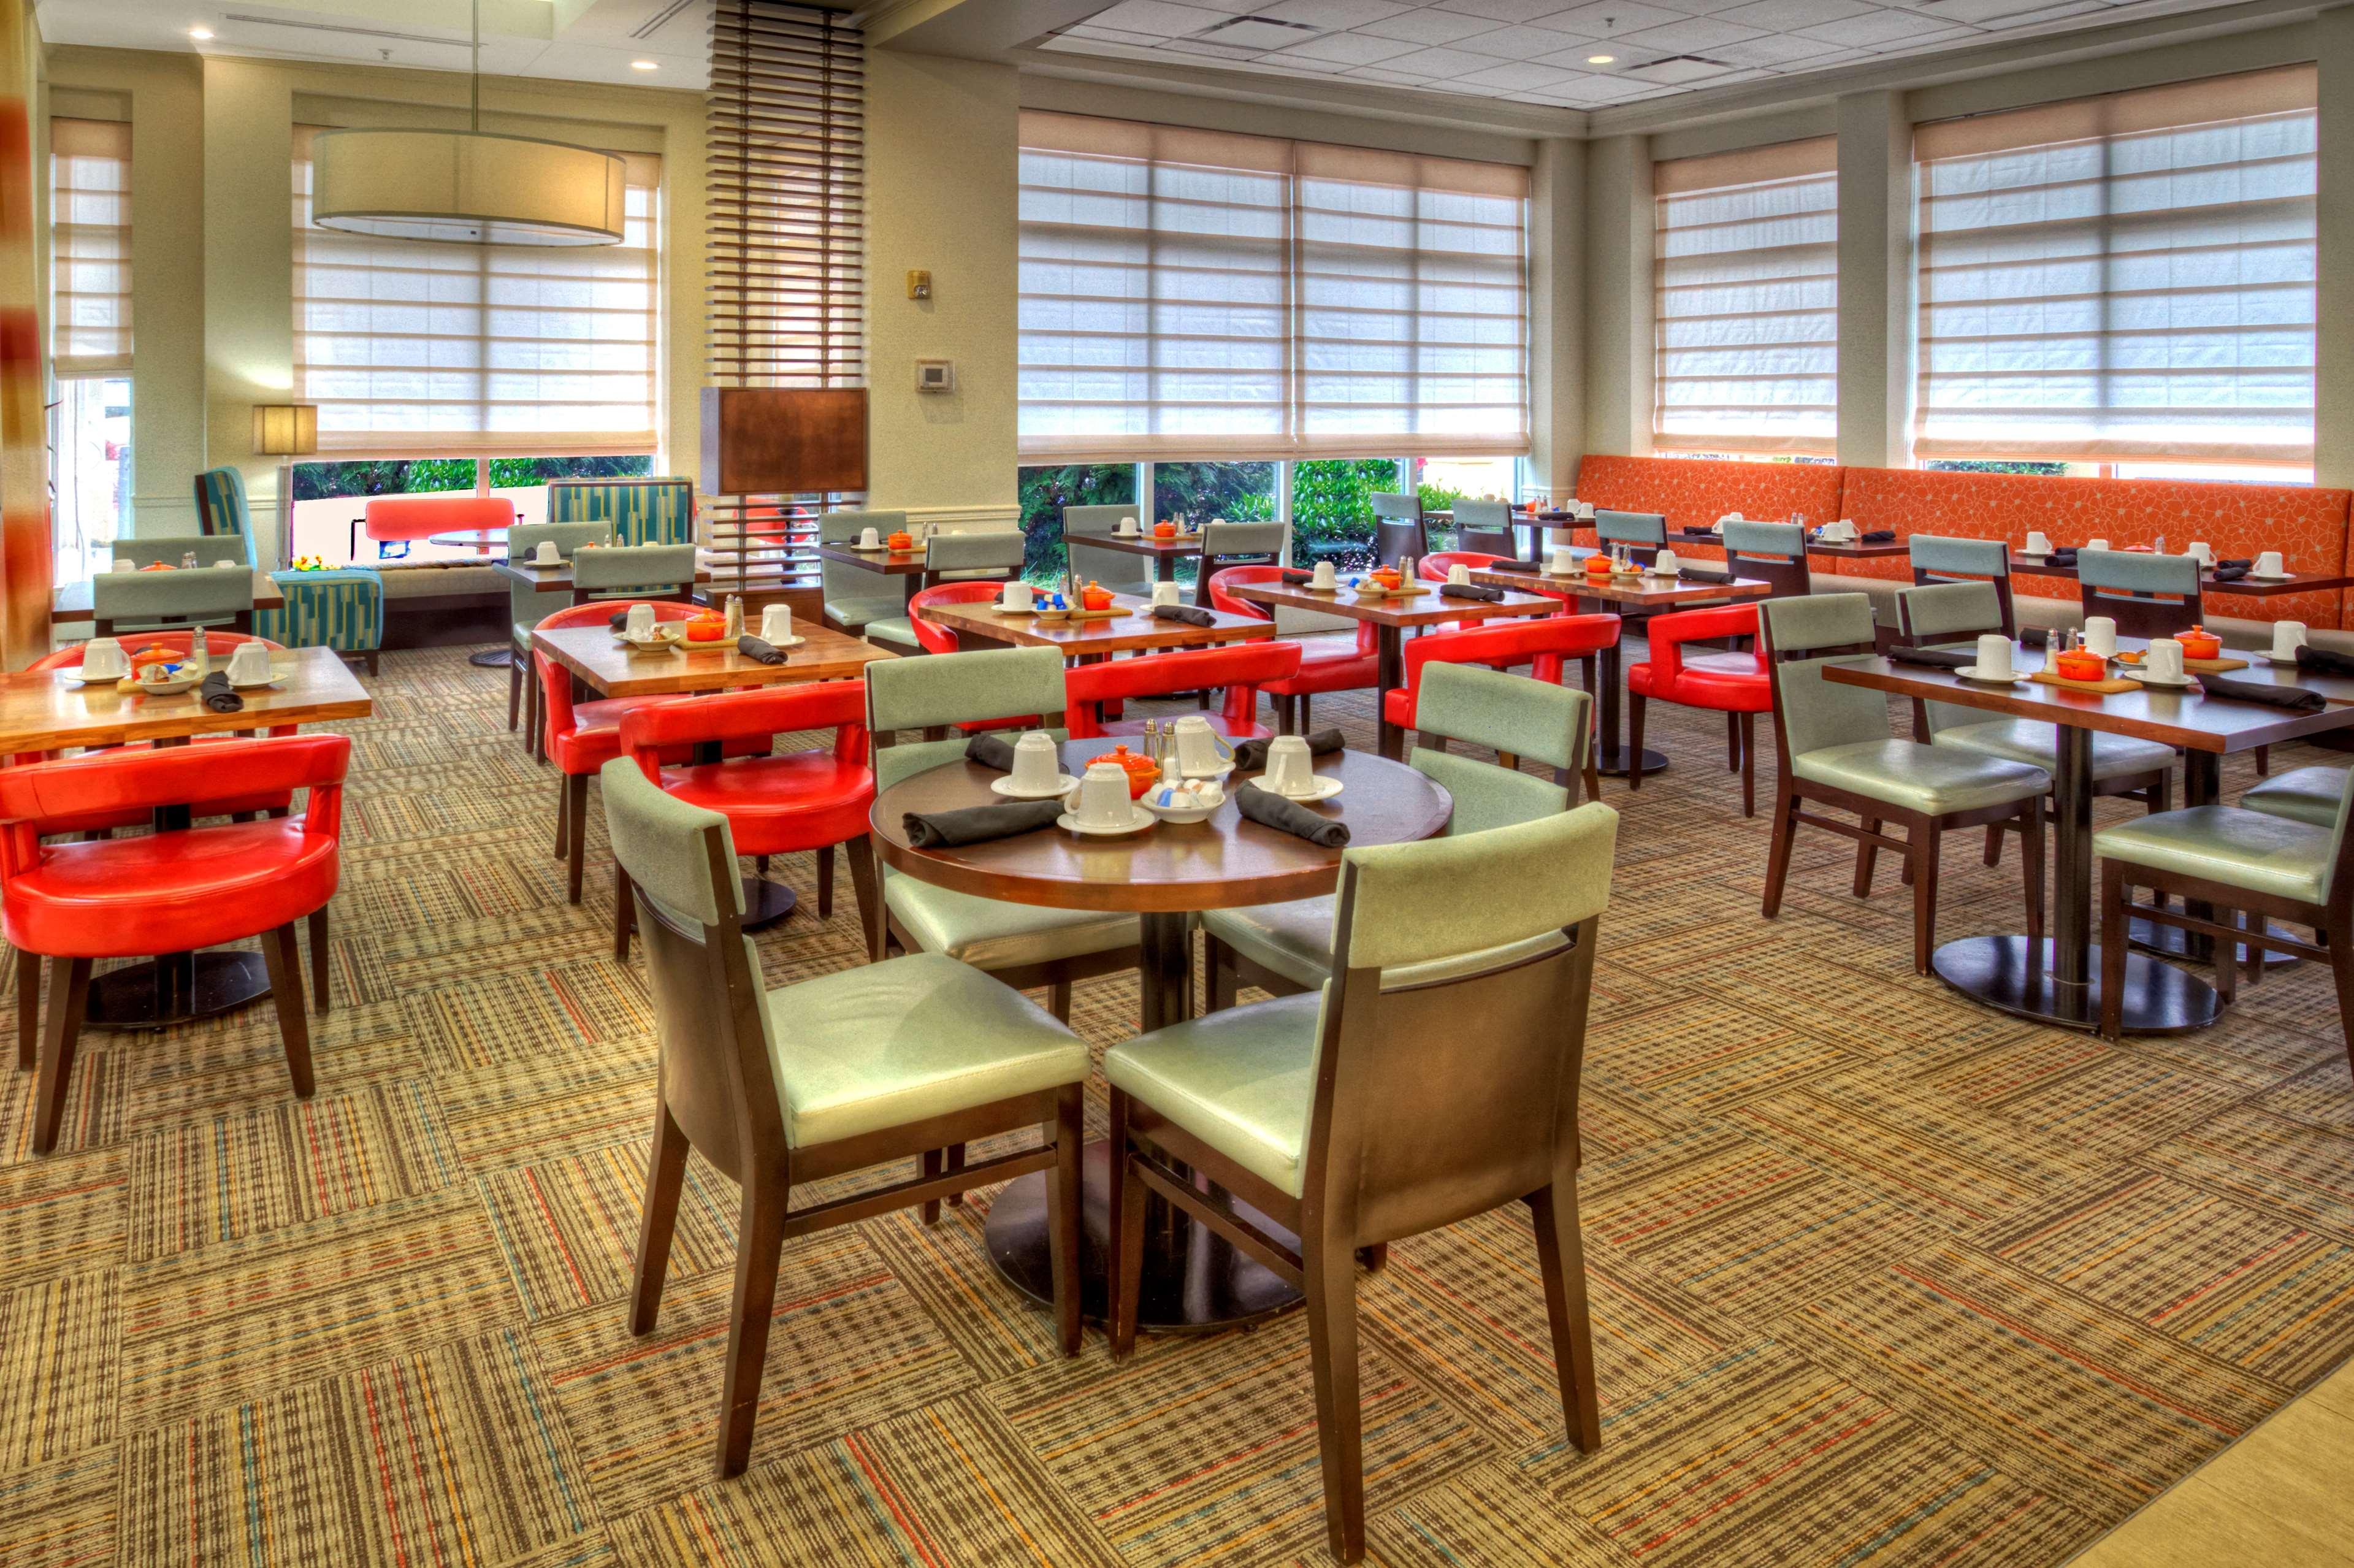 Hilton garden inn nashville airport nashville tennessee tn for Hilton garden inn nashville airport